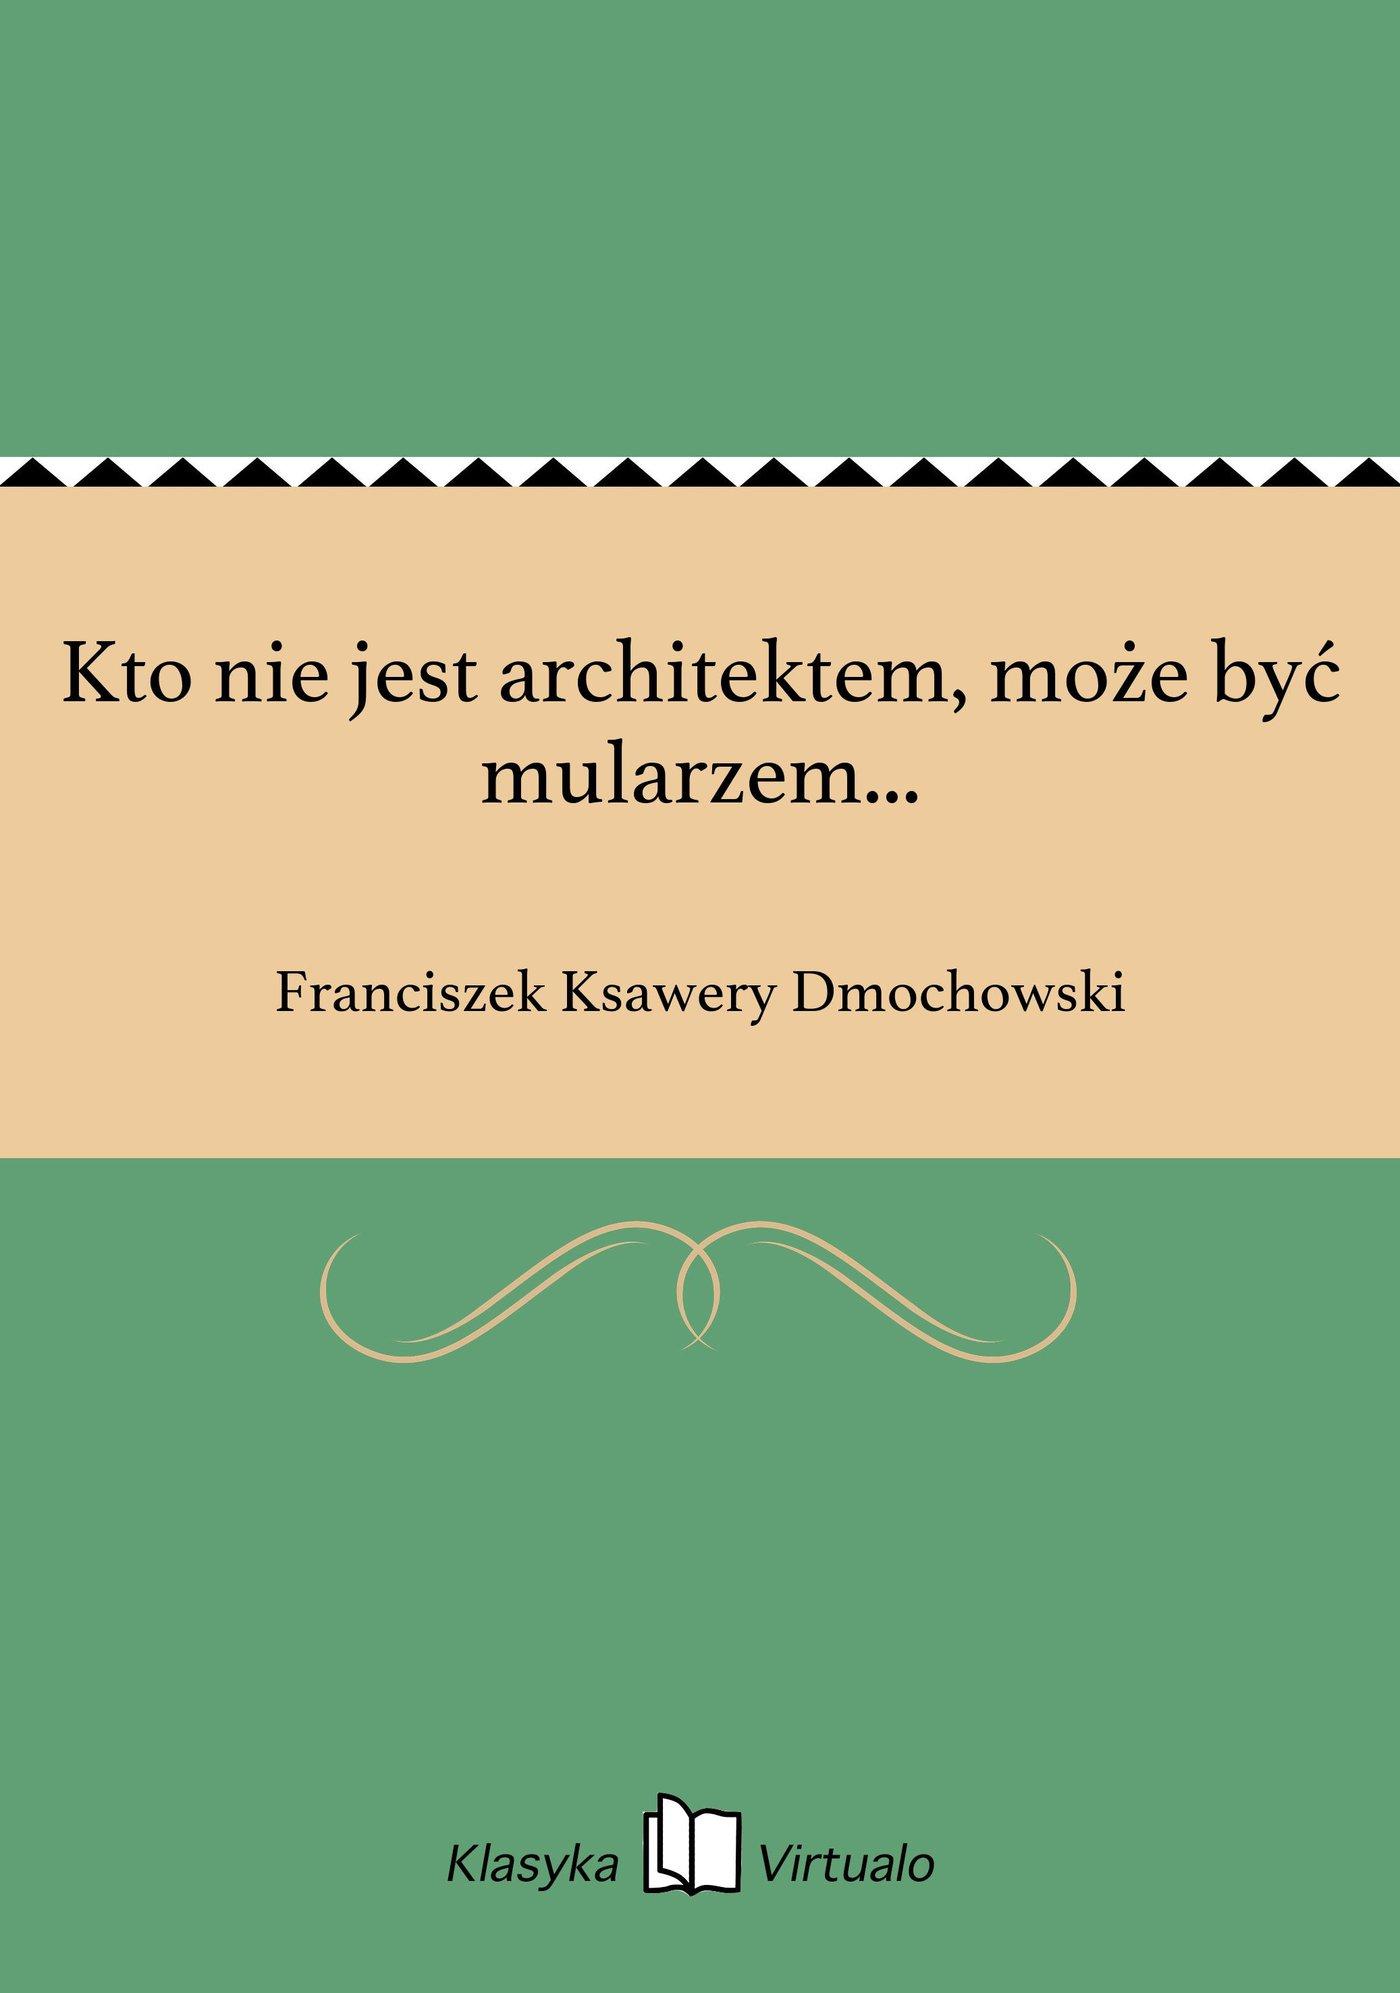 Kto nie jest architektem, może być mularzem... - Ebook (Książka na Kindle) do pobrania w formacie MOBI